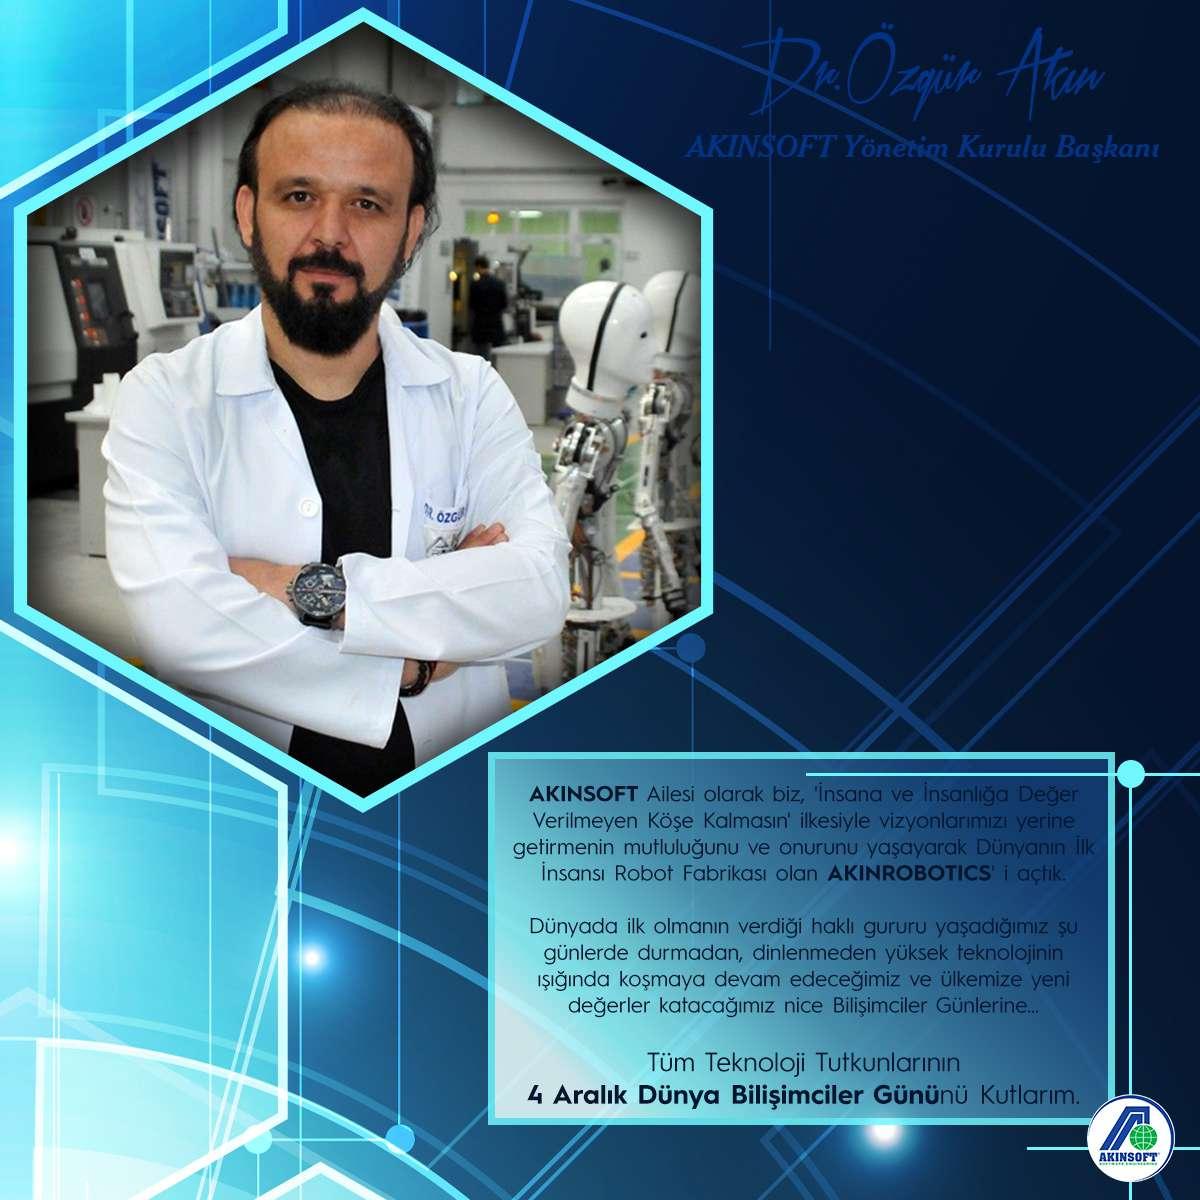 AKINSOFT Yönetim Kurulu Başkanı Dr Özgür AKINın 4 Aralık Dünya Bilişimciler Günü Kutlama Mesajı